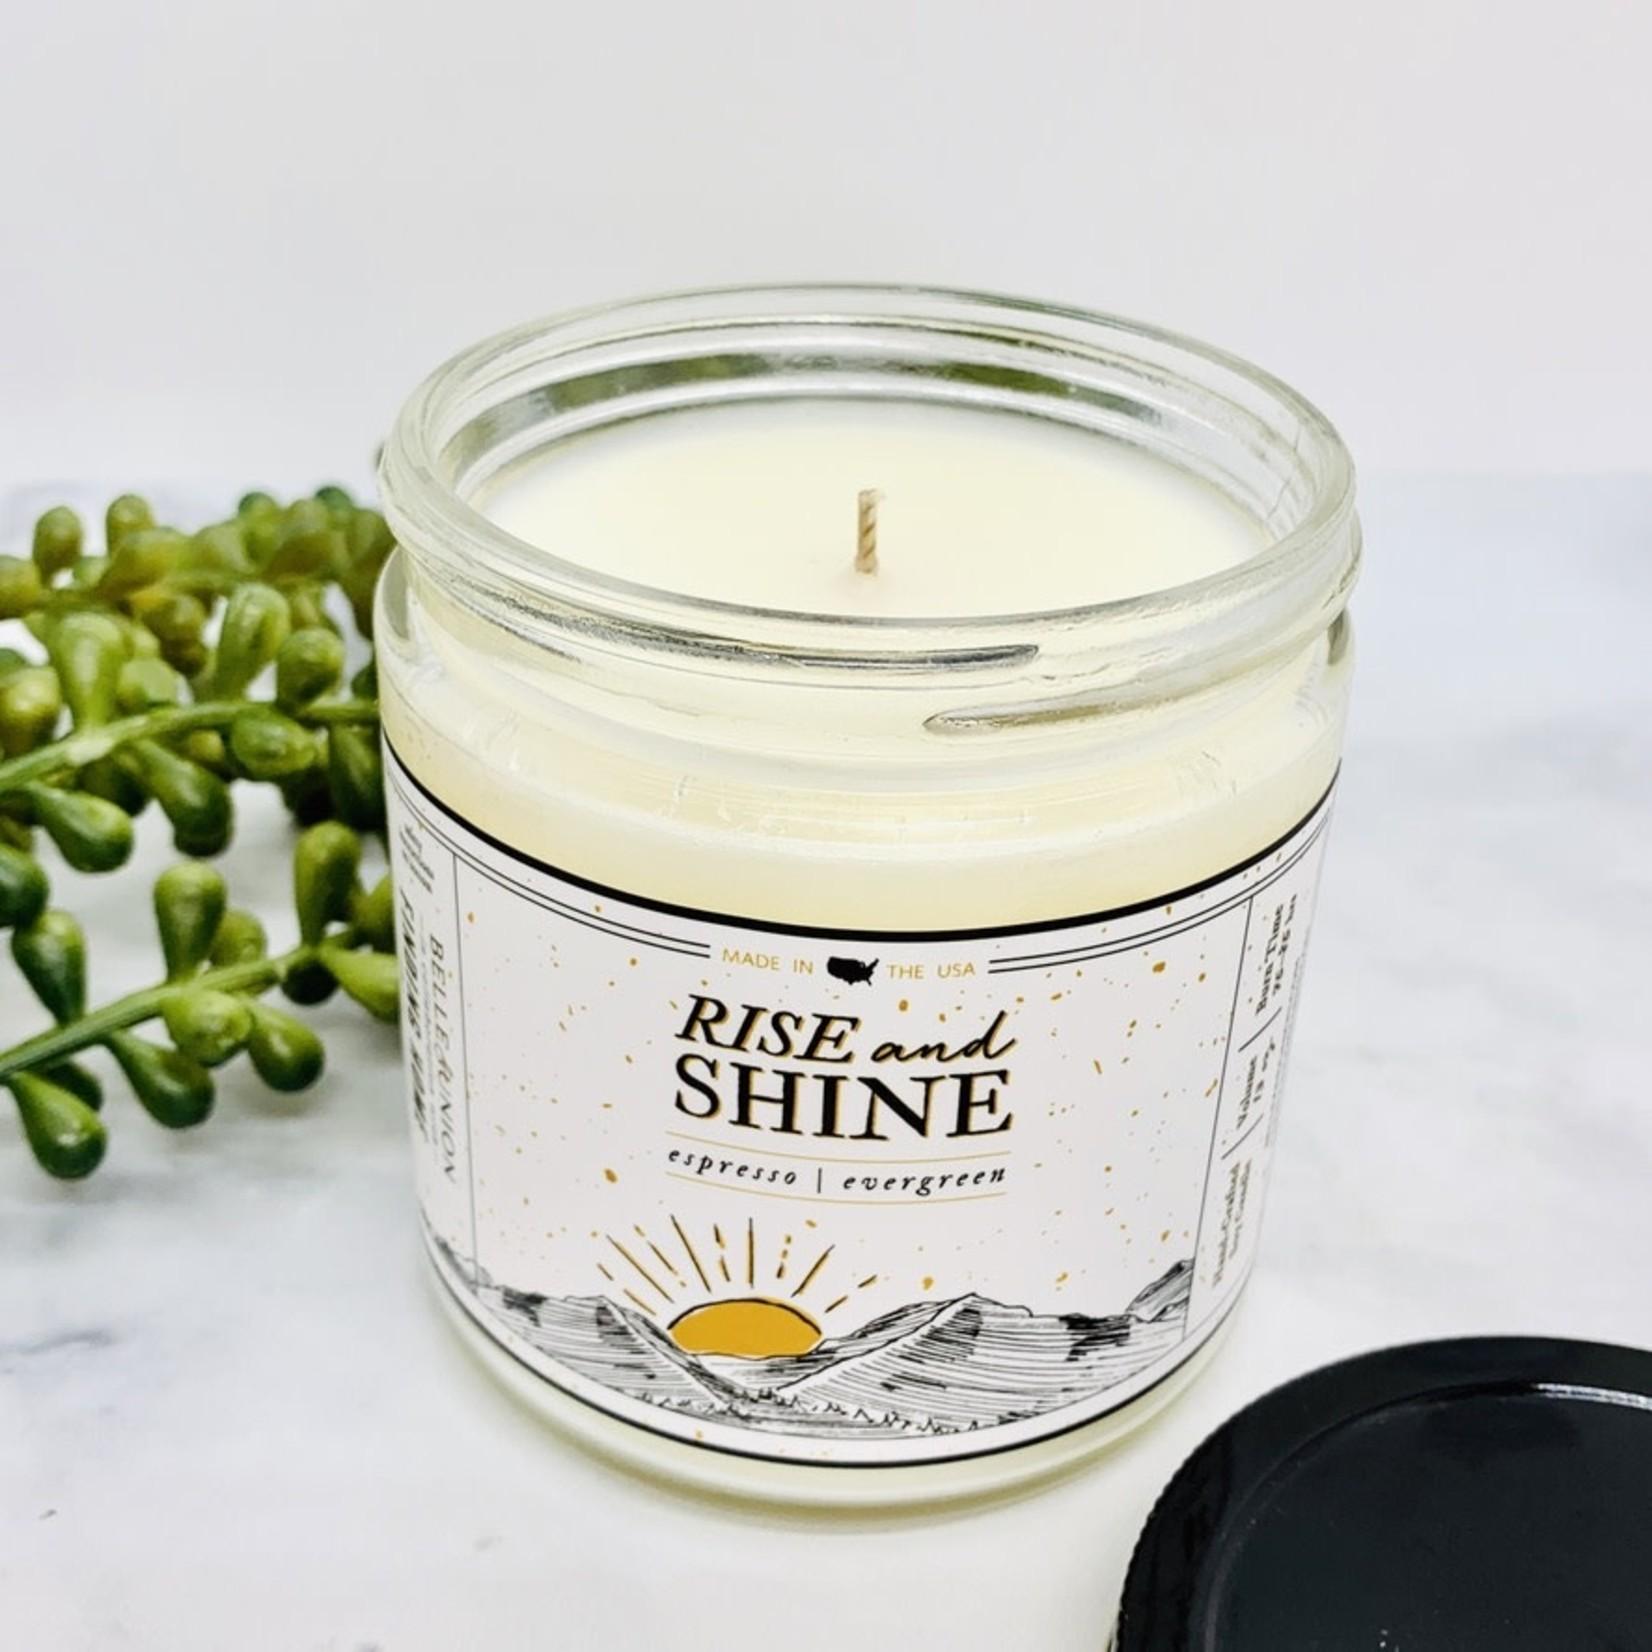 Rise & Shine Candle 13 oz